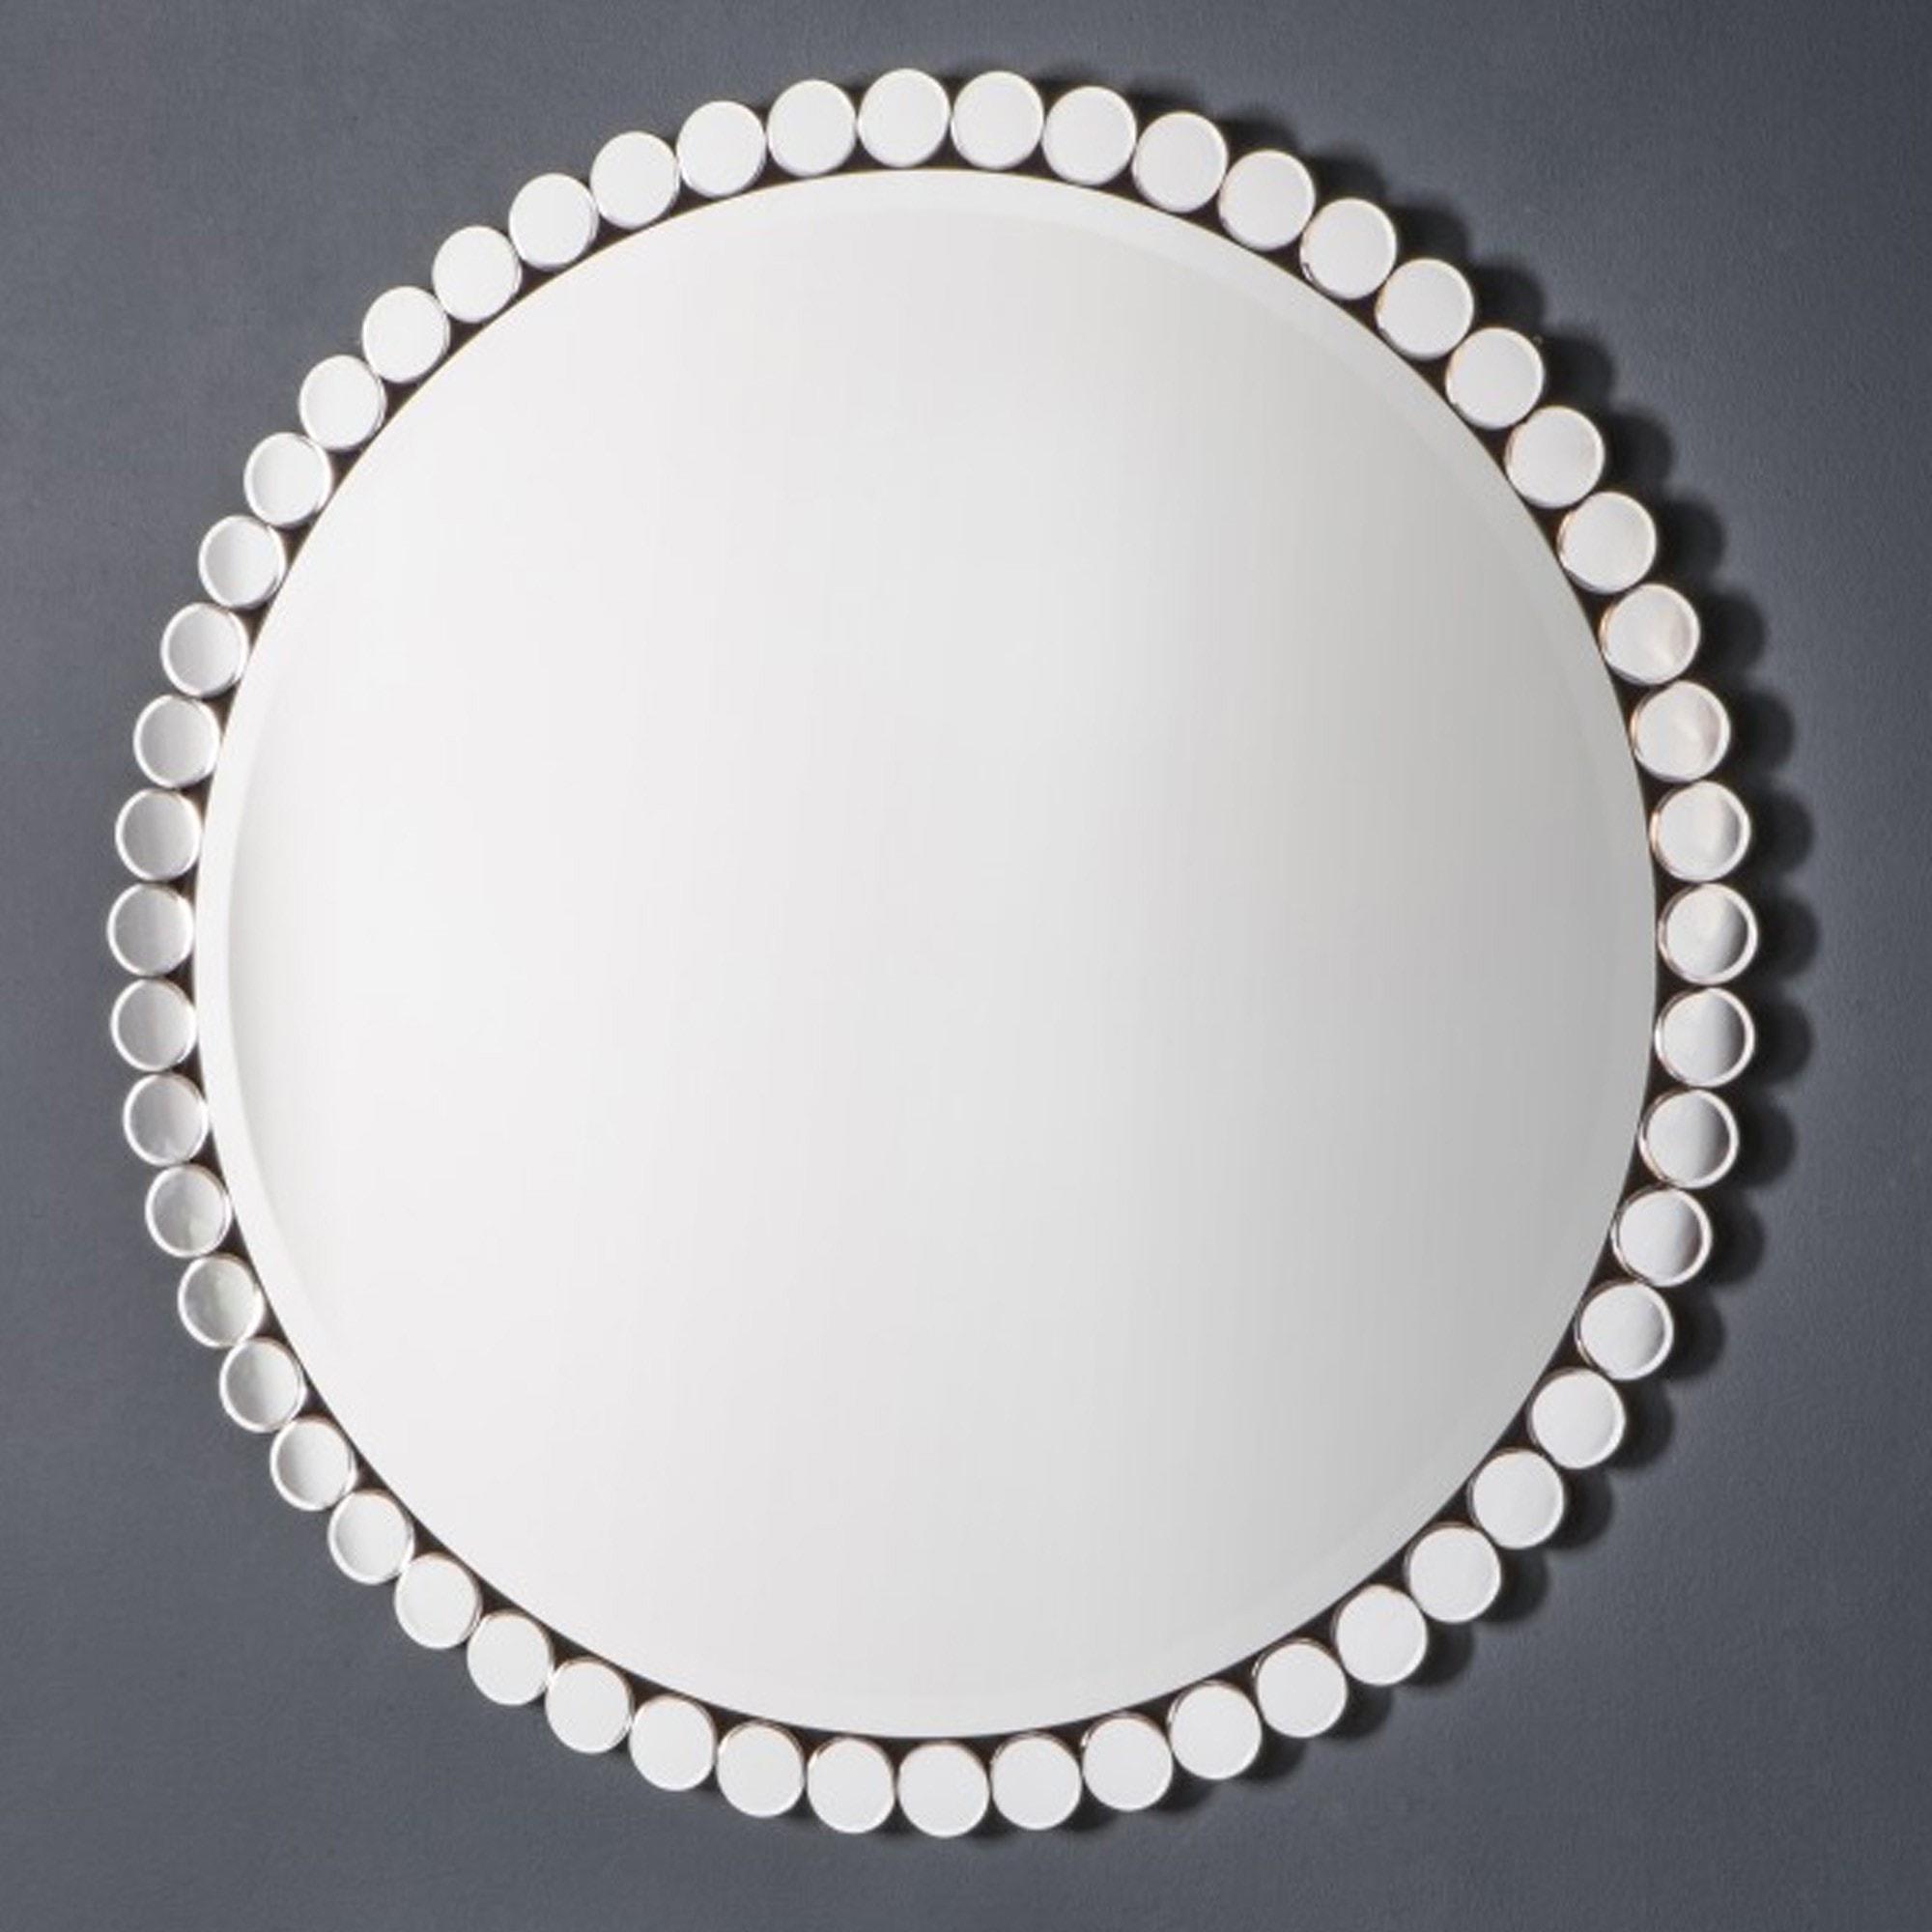 Linz Round Mirror Large Decorative Mirror Wall Mirror Round Mirror